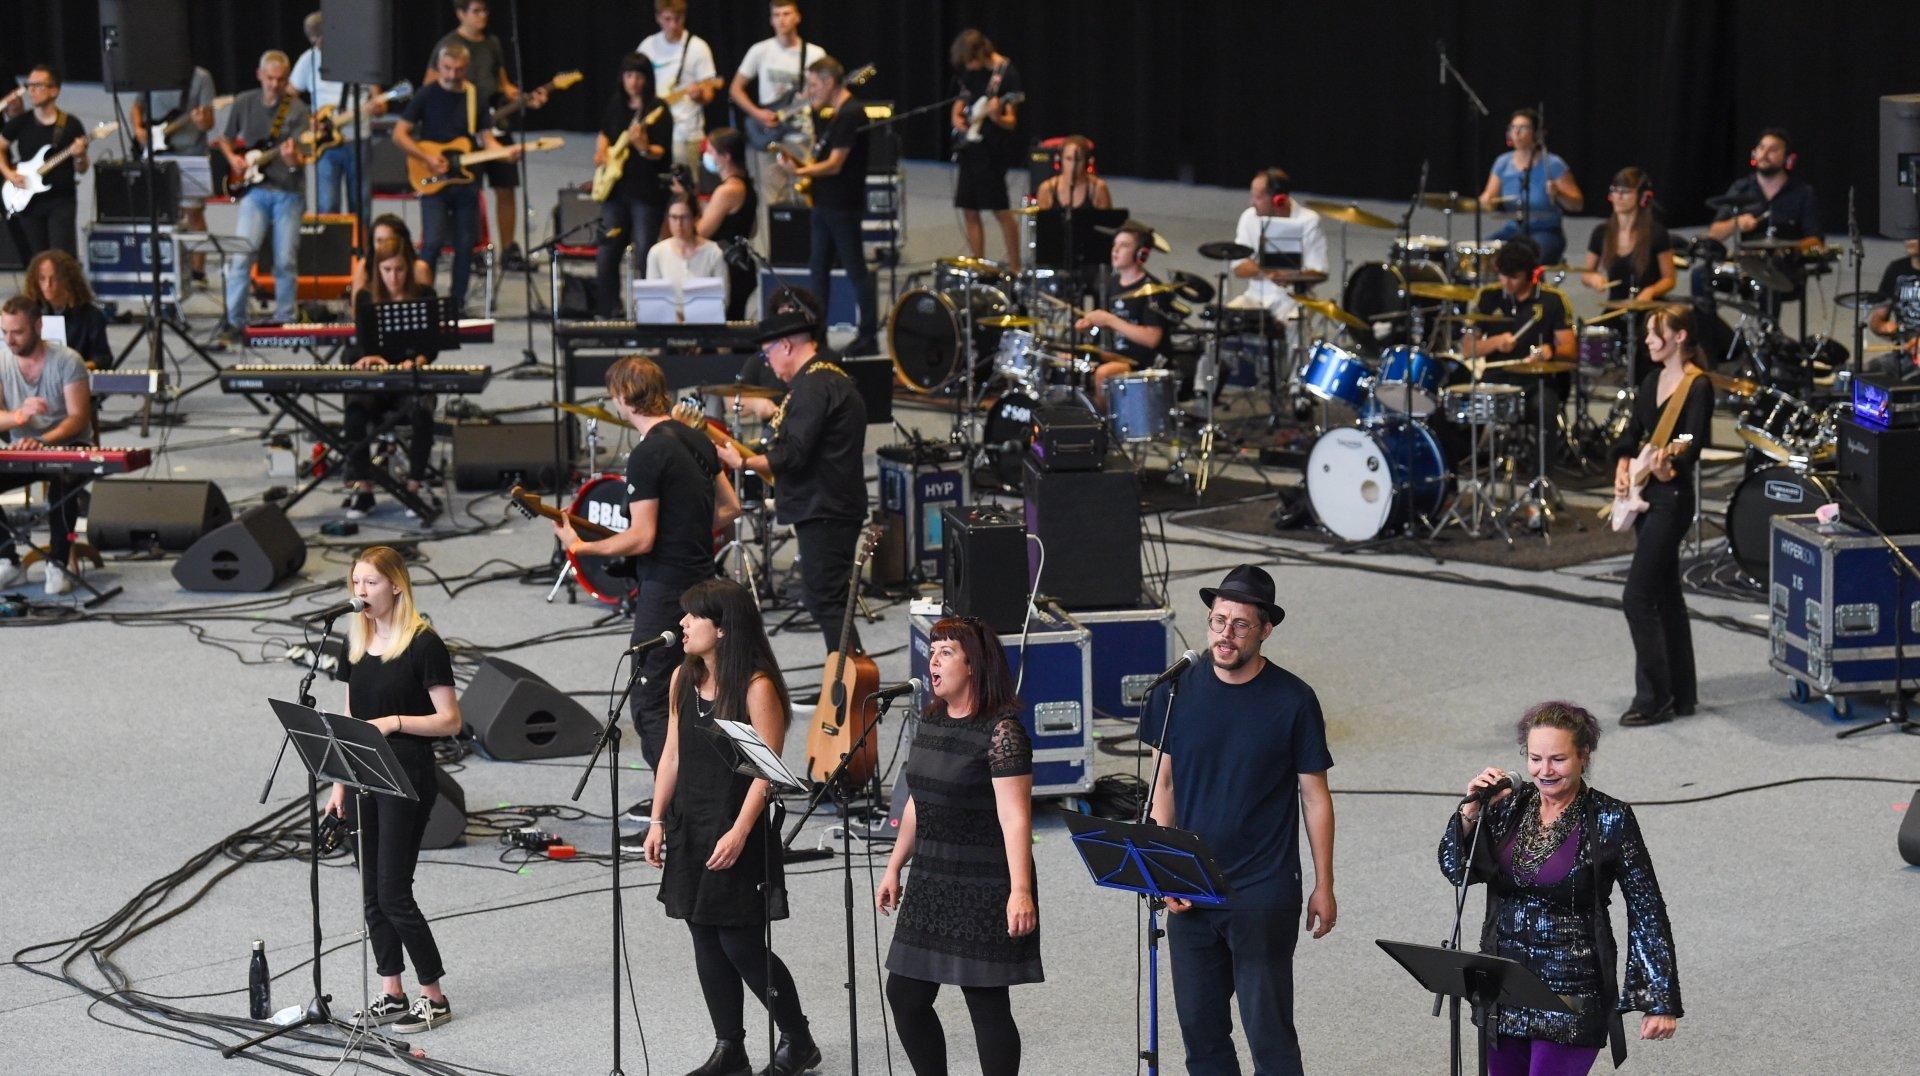 Neuchâtel: plus de 70 musiciens sur scène pour prouver que la musique est partage